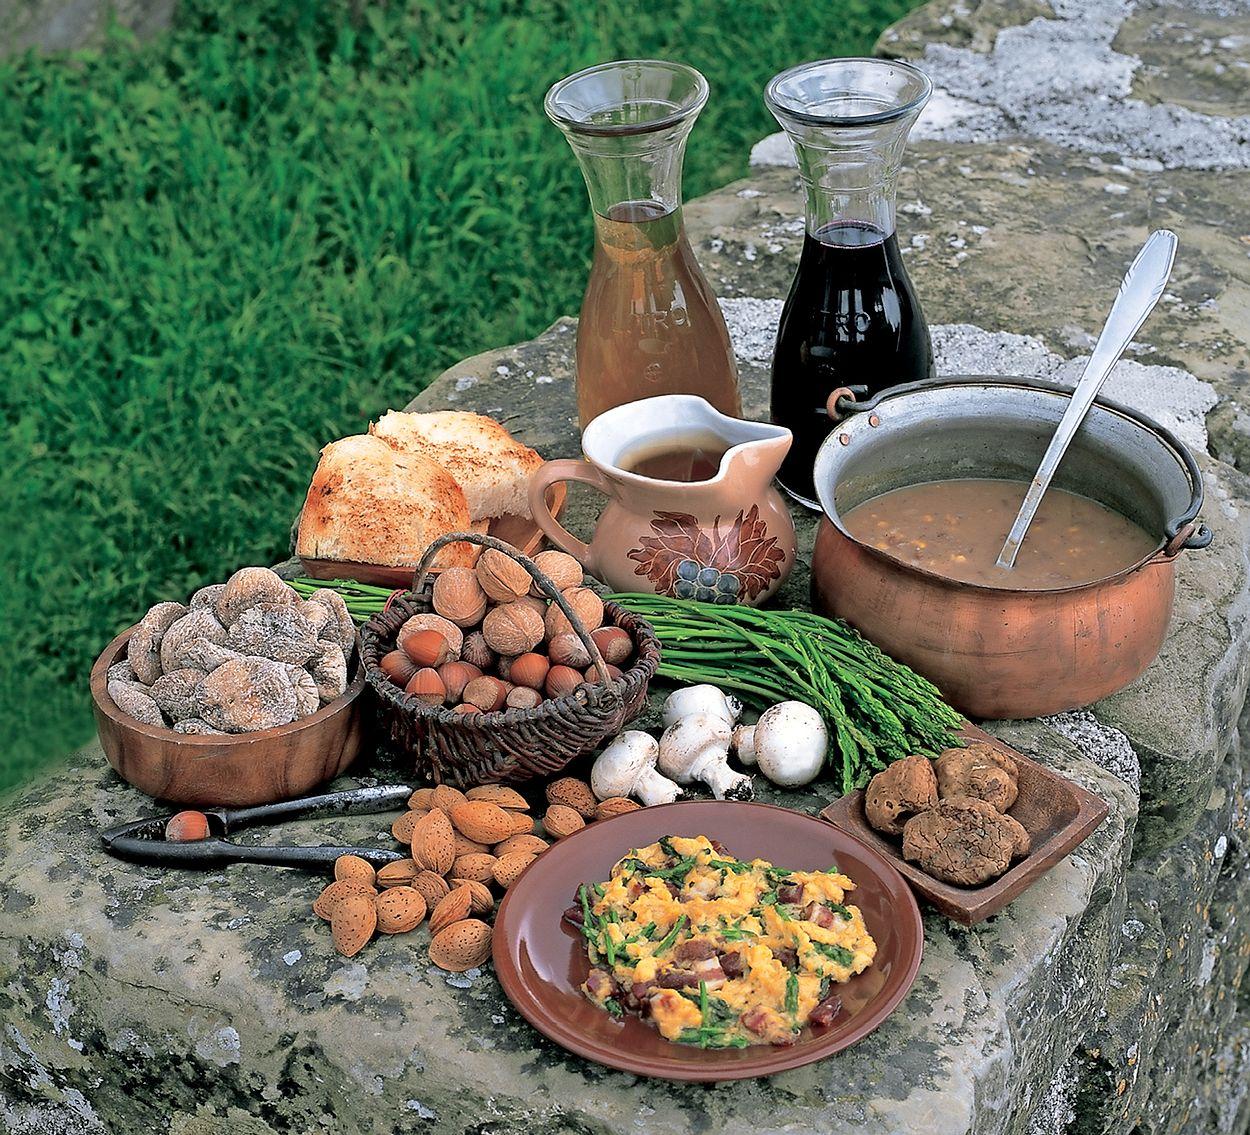 хорватская кухня рецепты с фото ограниченного интервала